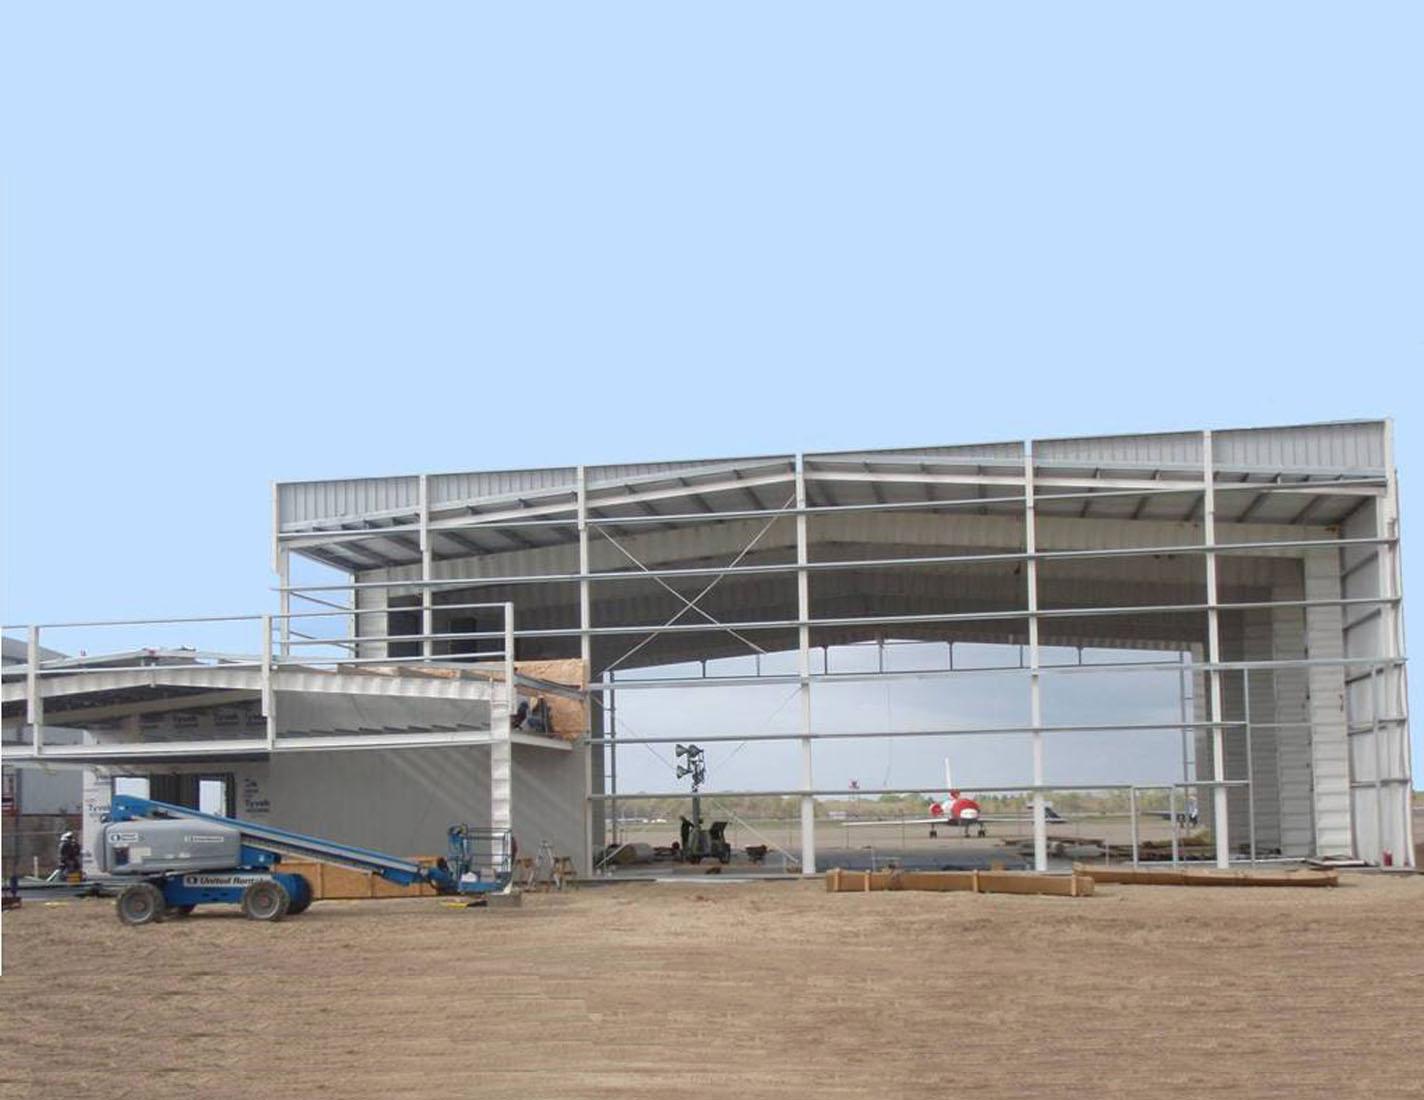 Albemarle Corporate Hangar